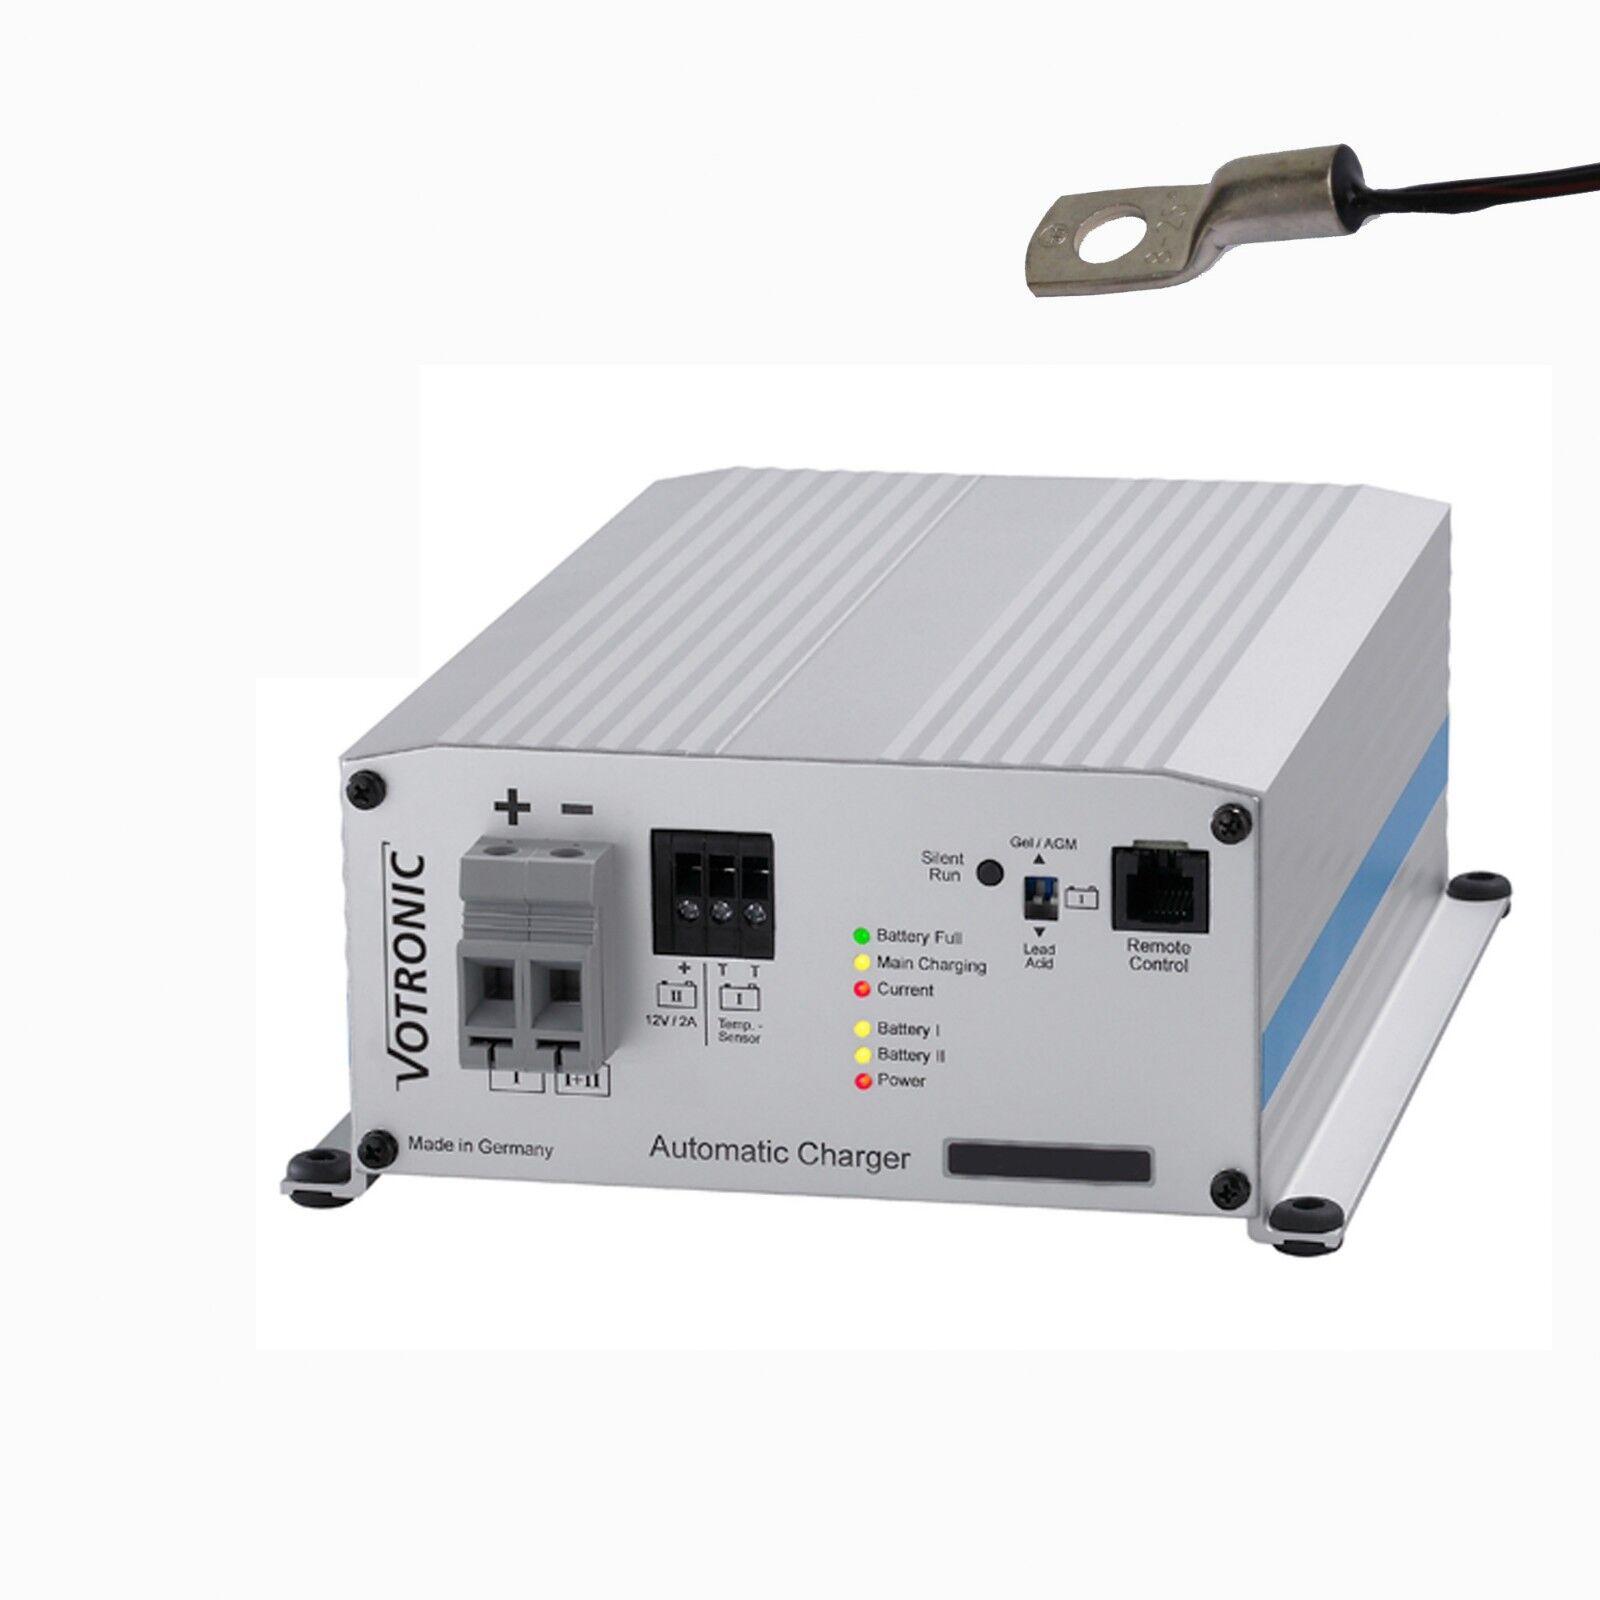 Votronic PB 1225 SMT 2B Neue Serie für Blei-und Lithiumbatterien + Temp. Sensor